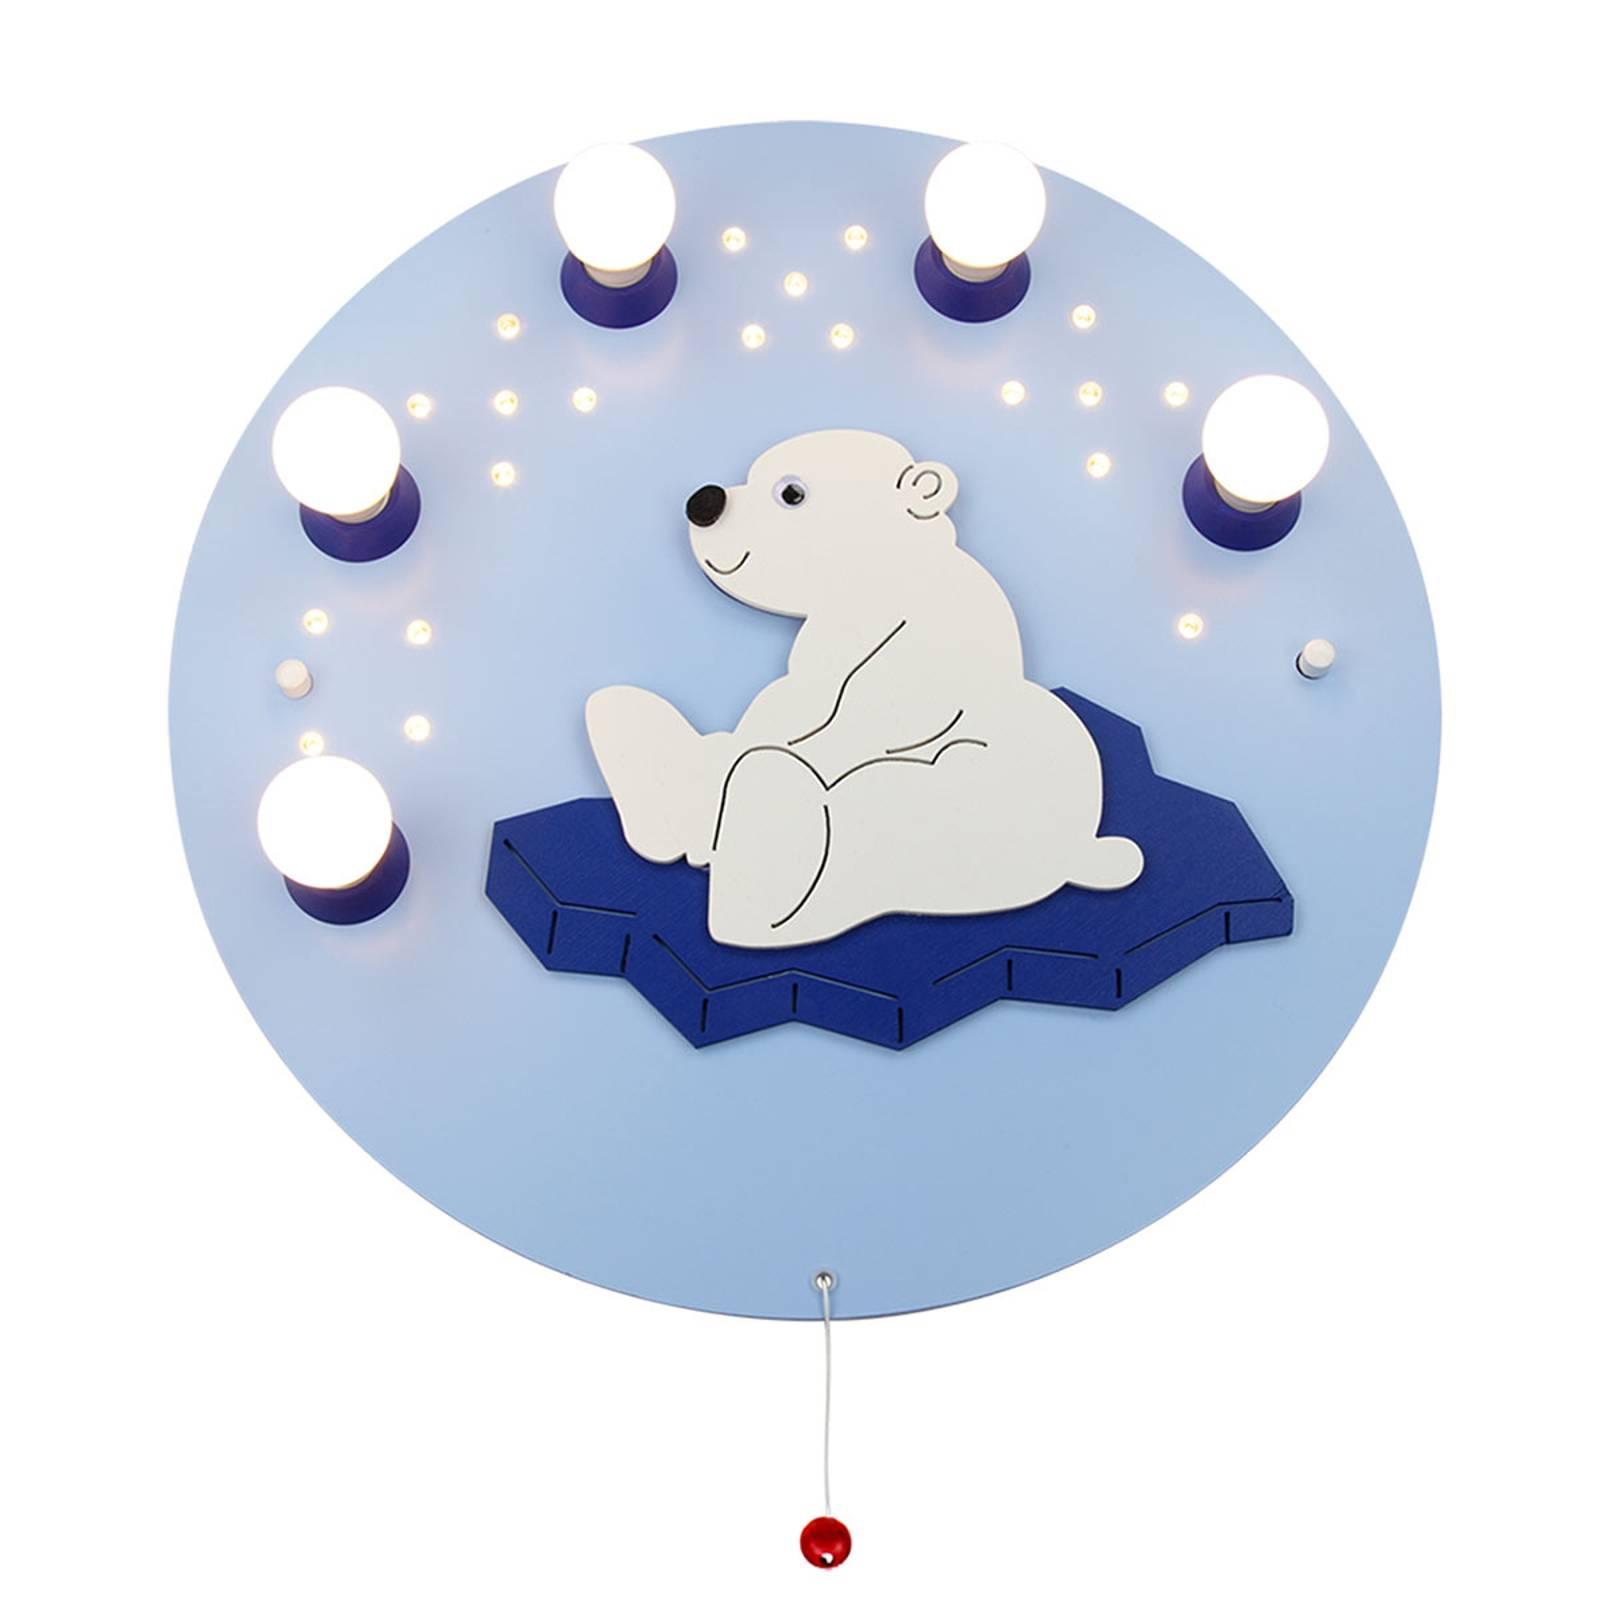 Seinälamppu Jääkarhu, vaaleansininen 5-lamppuinen